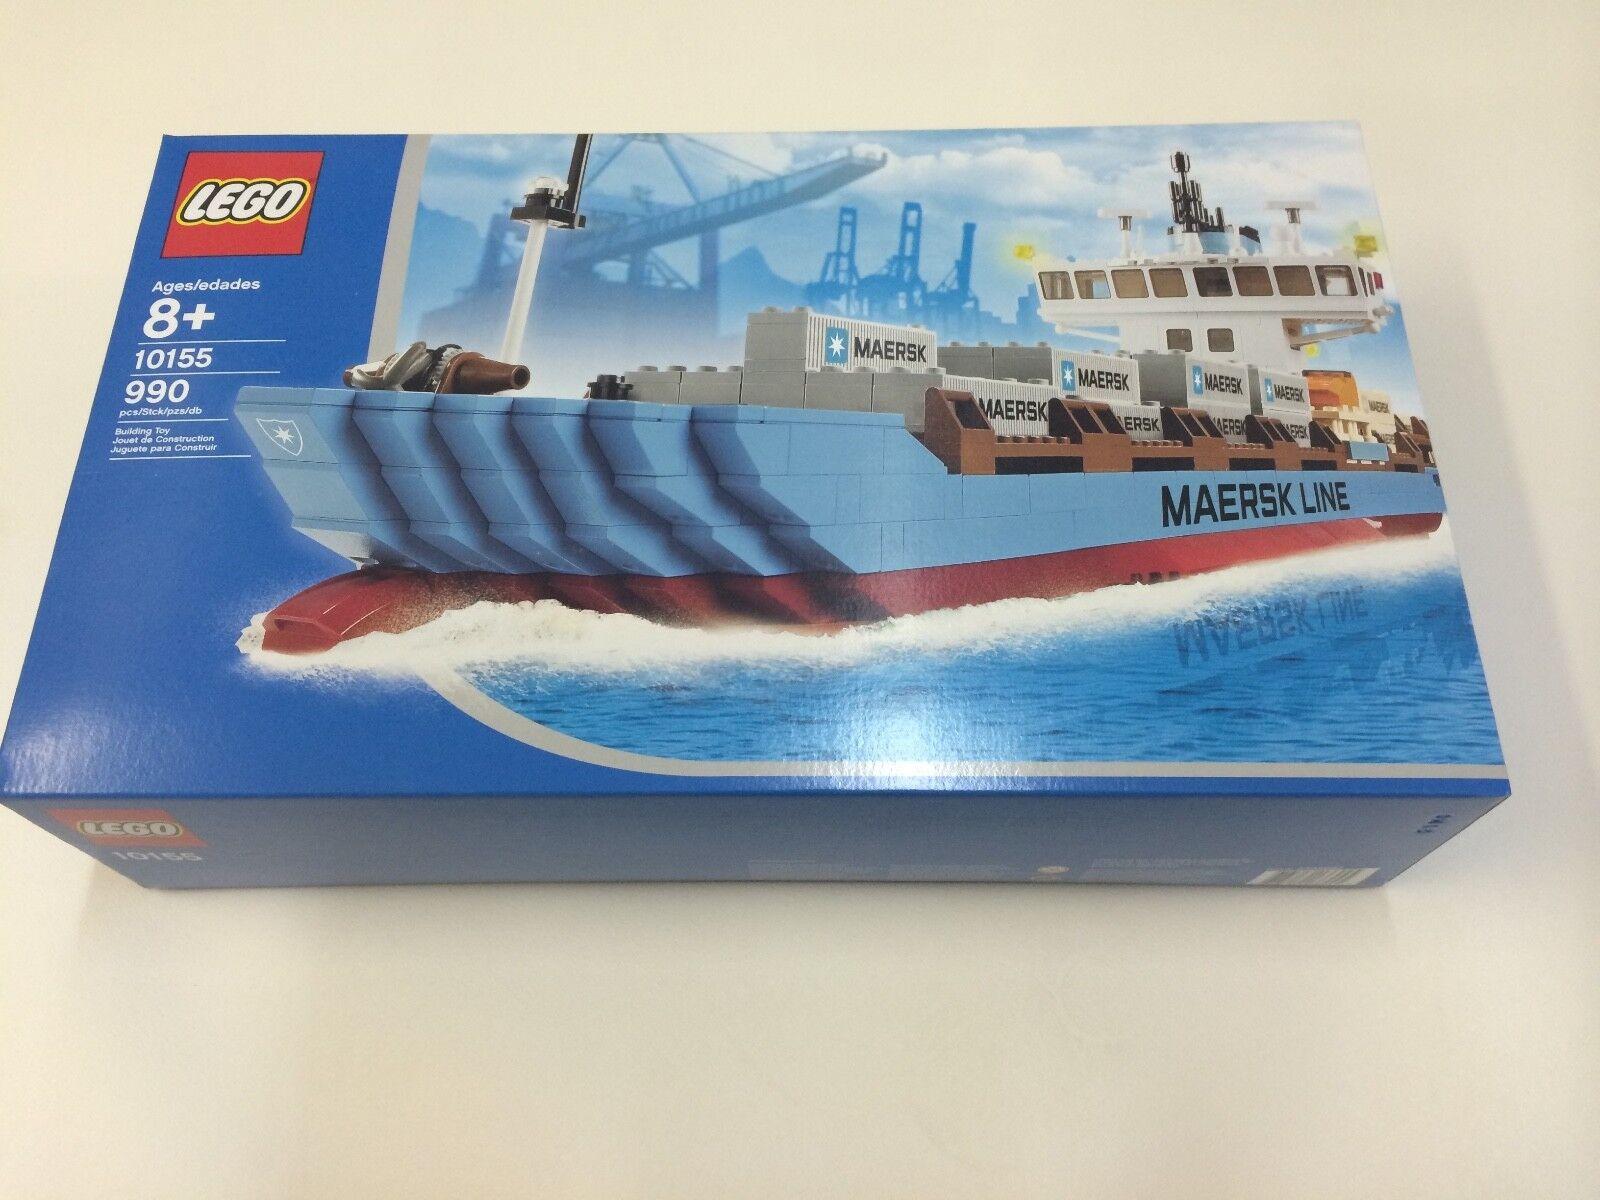 Nuovo di zecca NUOVO SIGILLATO LEGO CITY 10155 Maersk Line Container Ship fuori produzione